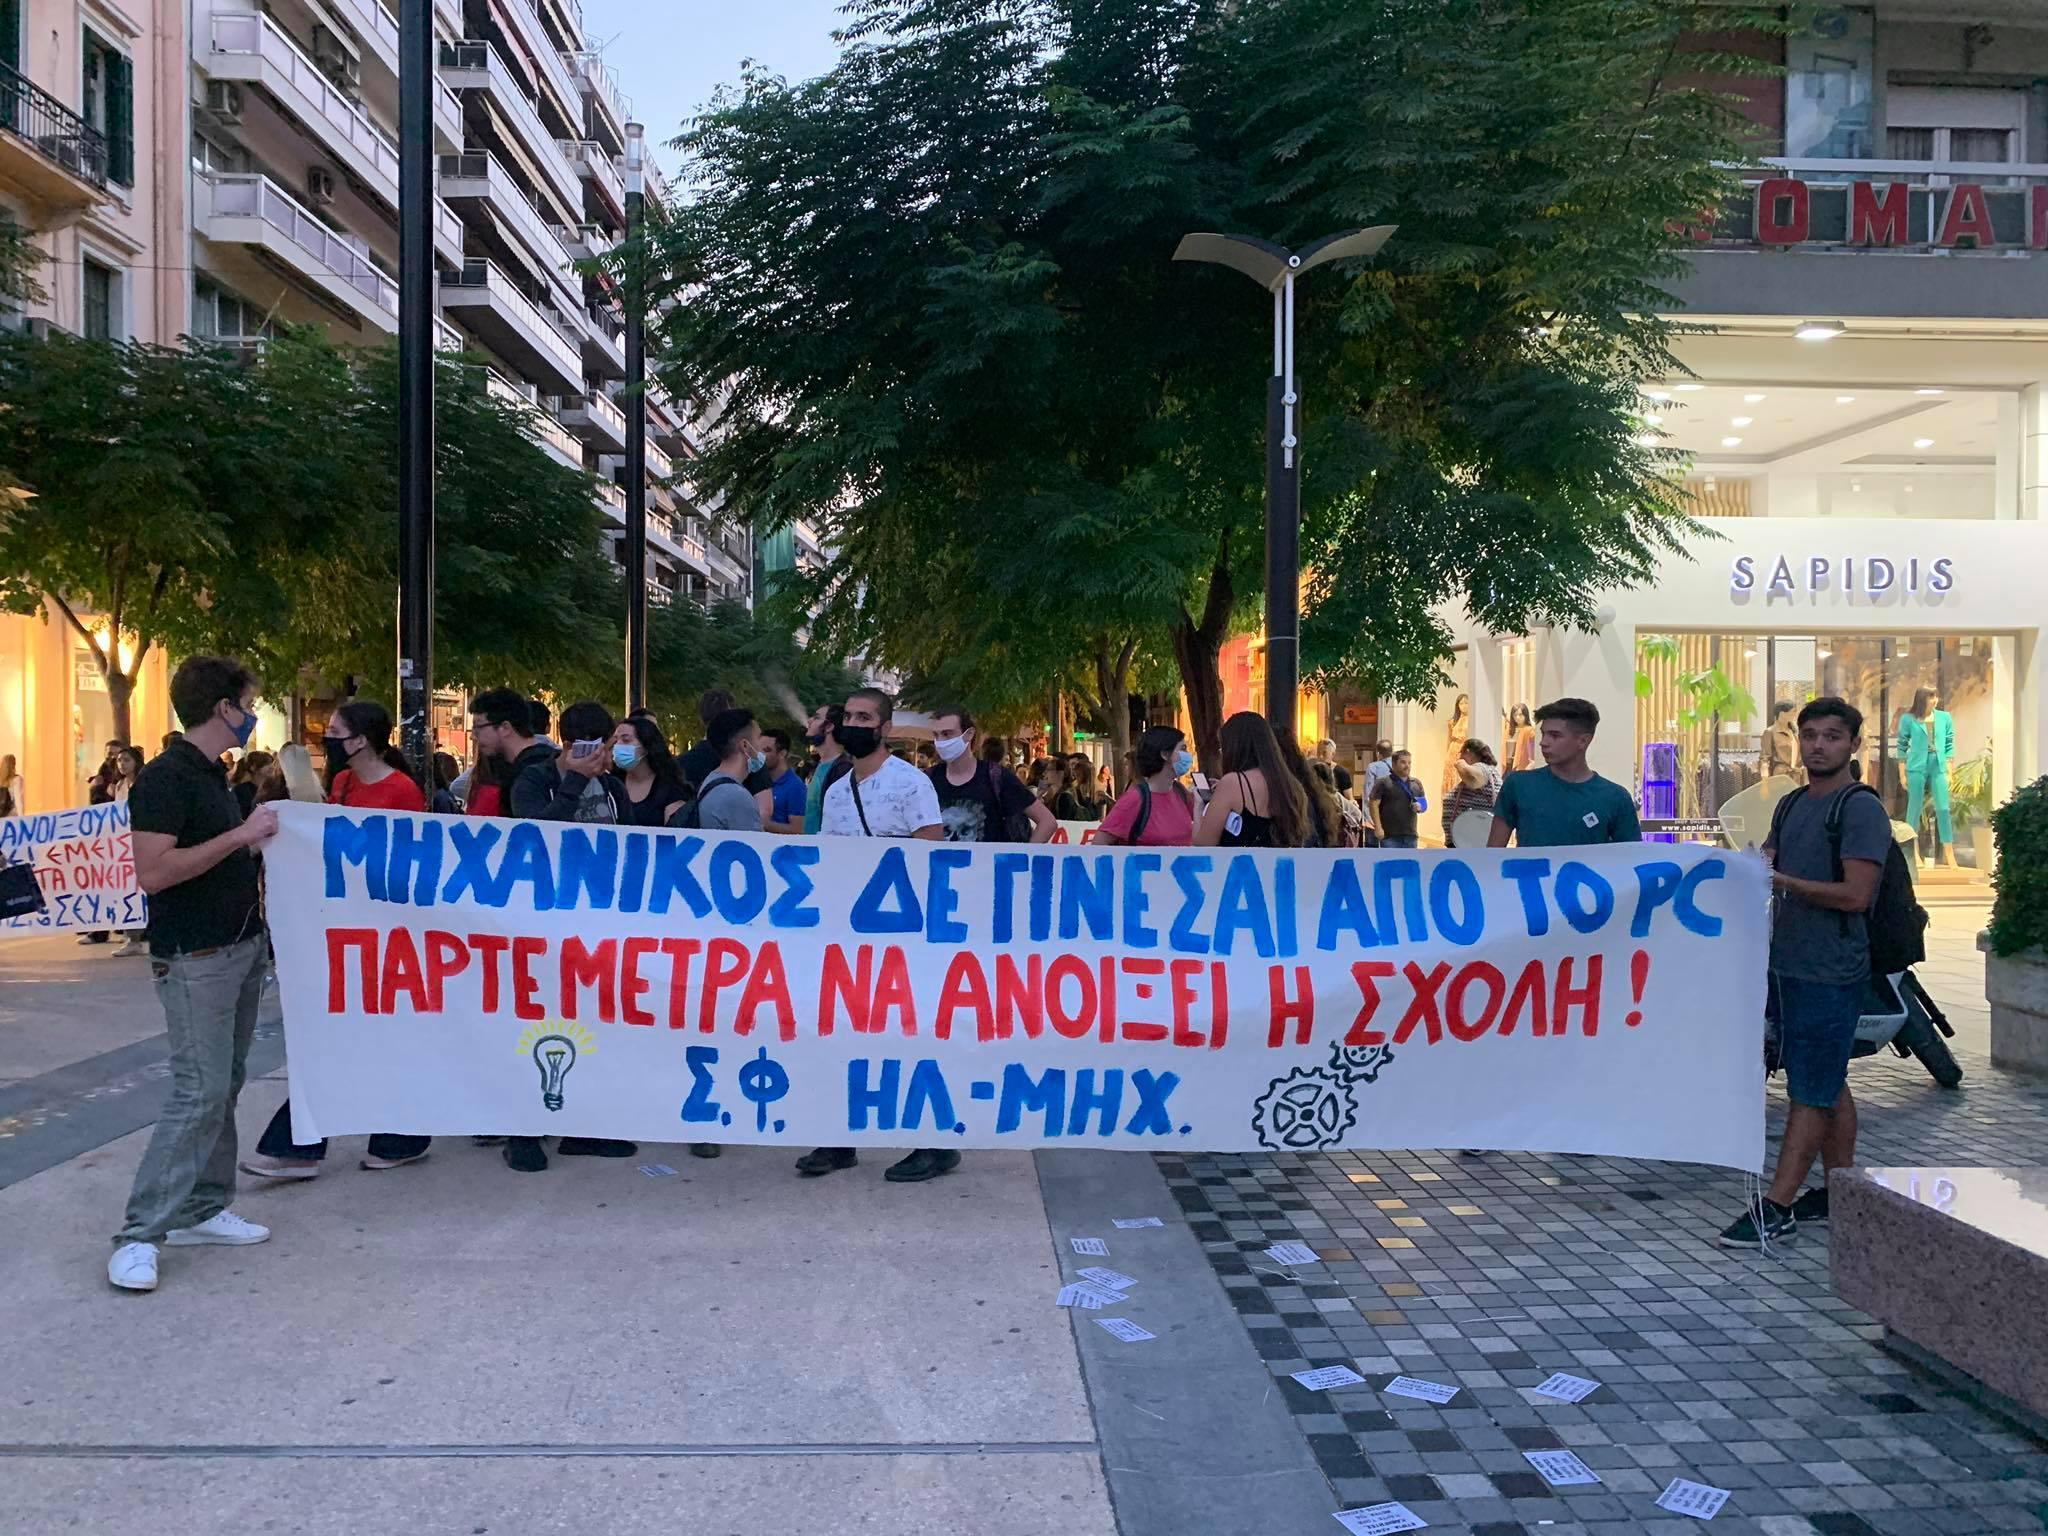 Φοιτητικό συλλαλητήριο στο κέντρο της Θεσσαλονίκης για τα μέτρα στα πανεπιστήμια εξαιτίας του κοροναϊού, φωτογραφία-4